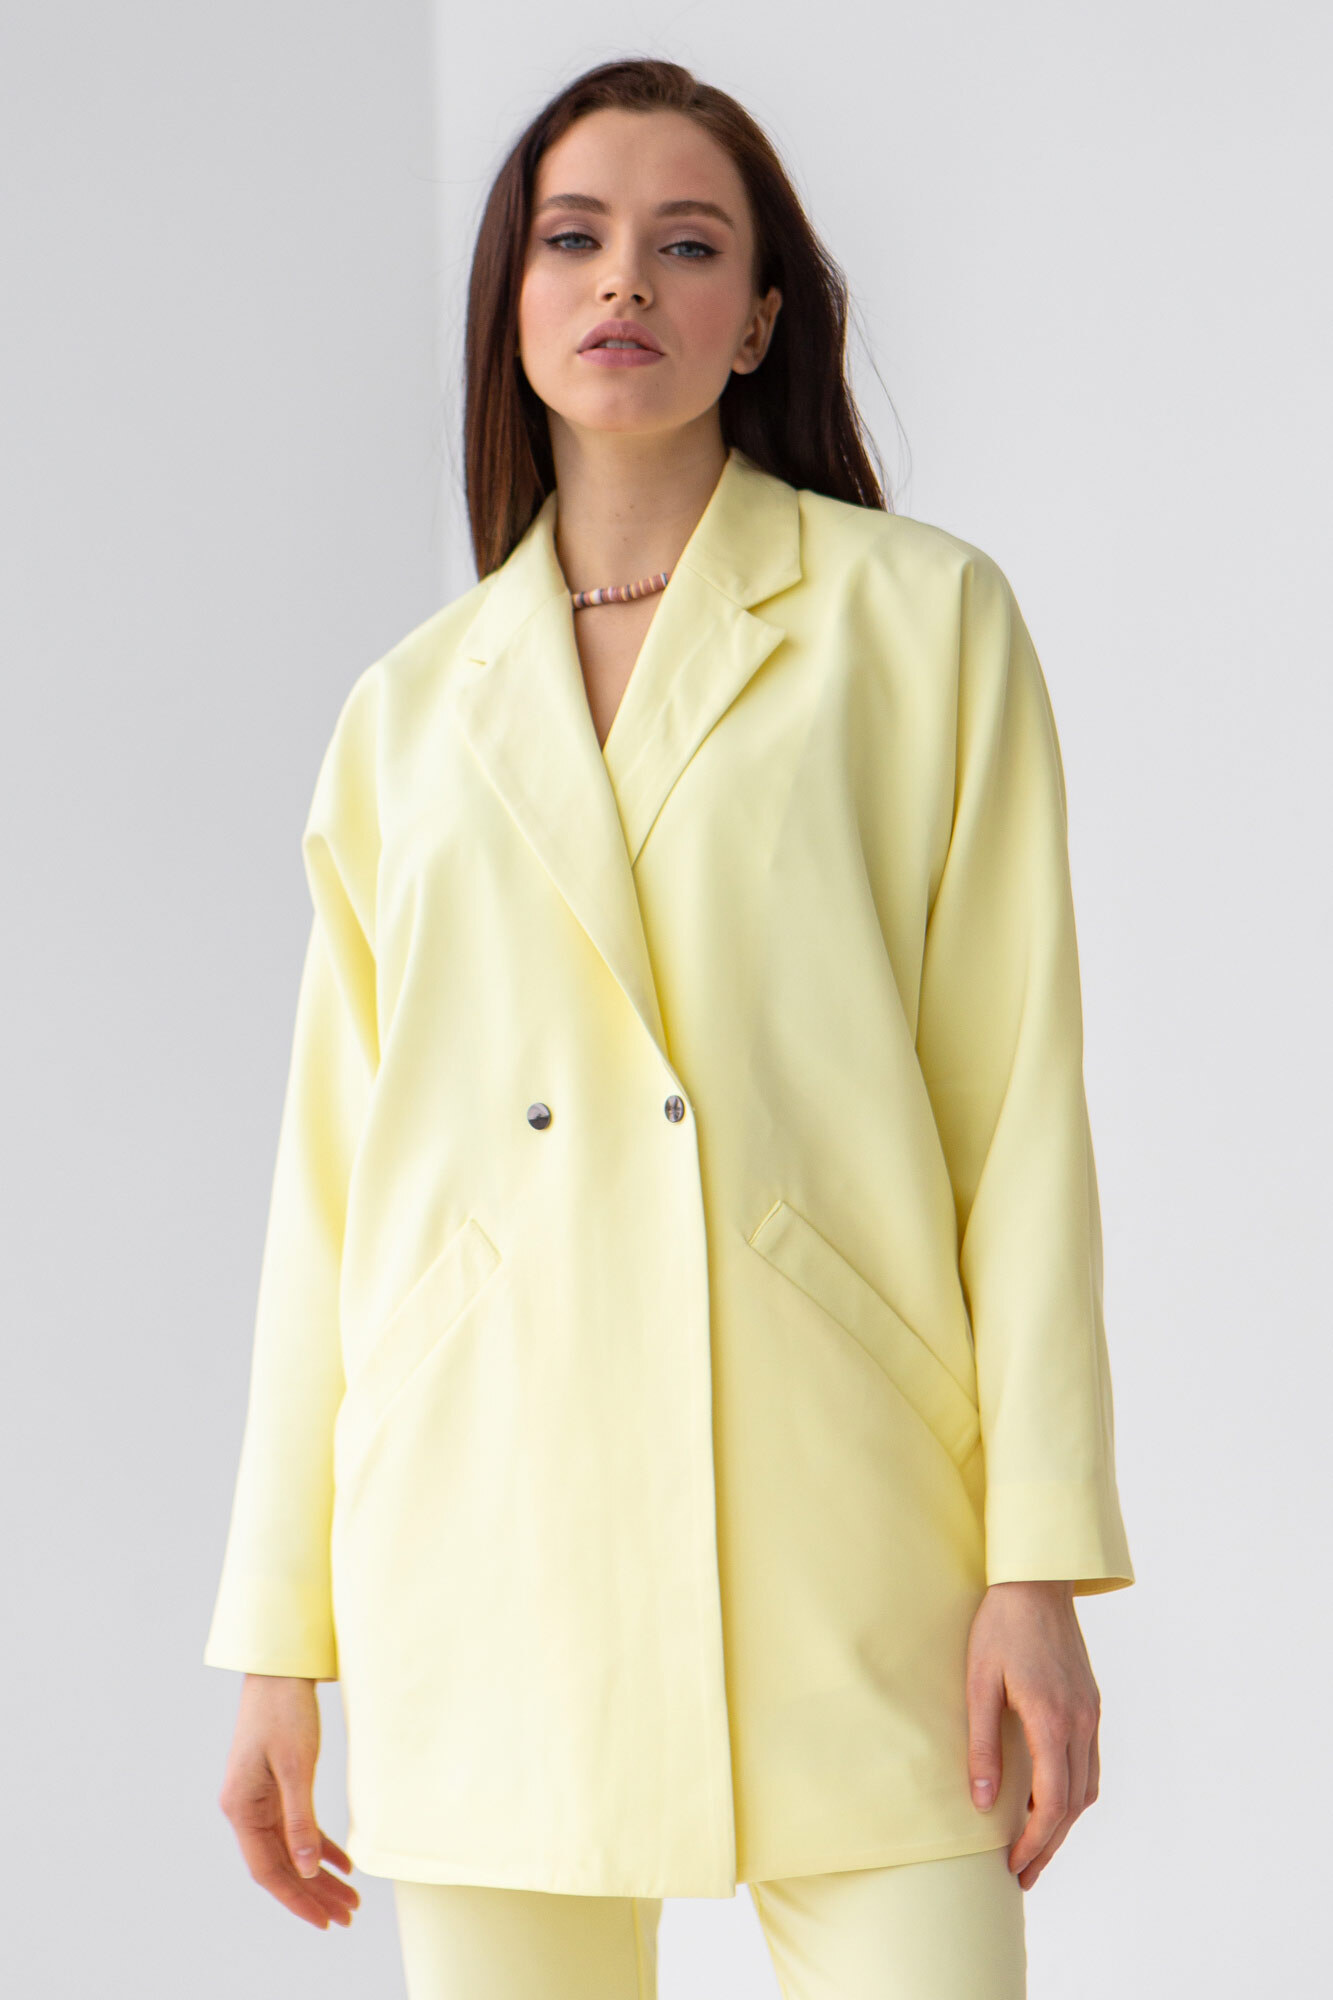 Лимонный пиджак оверсайз длинный на пуговицах GEN